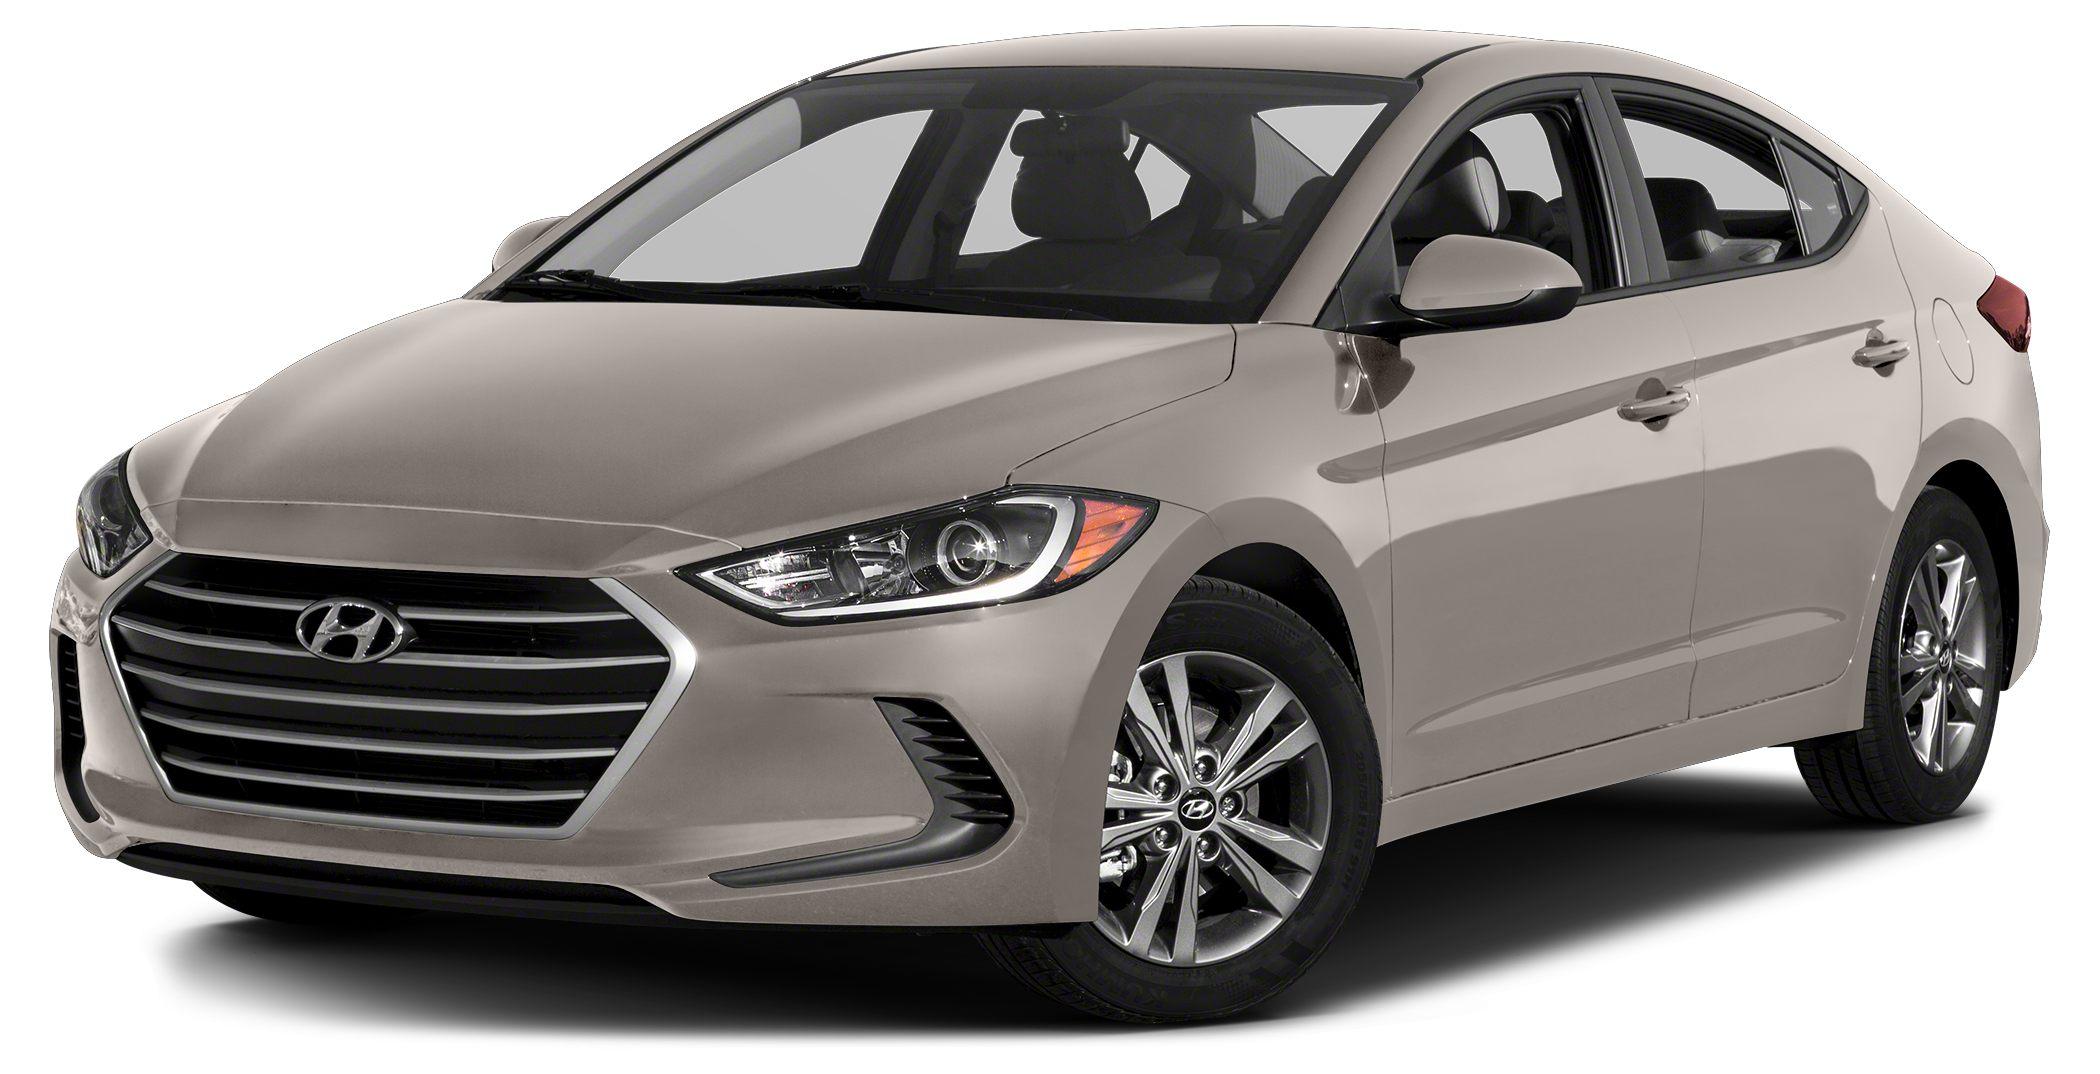 2017 Hyundai